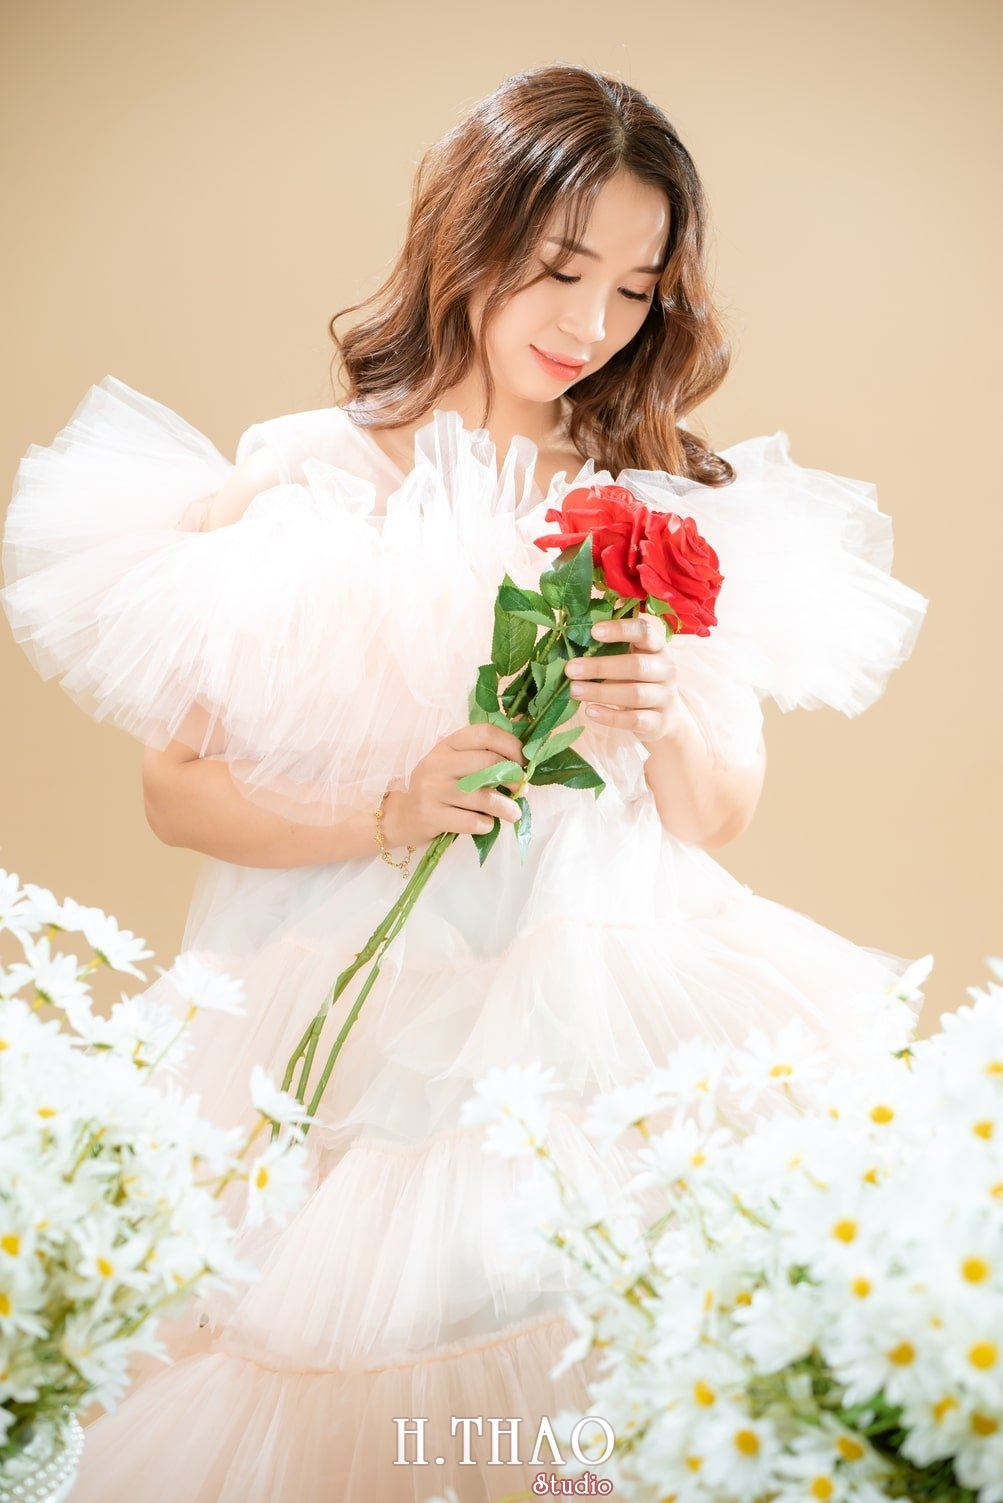 Anh Beauty 1 - Album ảnh beauty bé Sang đẹp nhẹ nhàng - HThao Studio